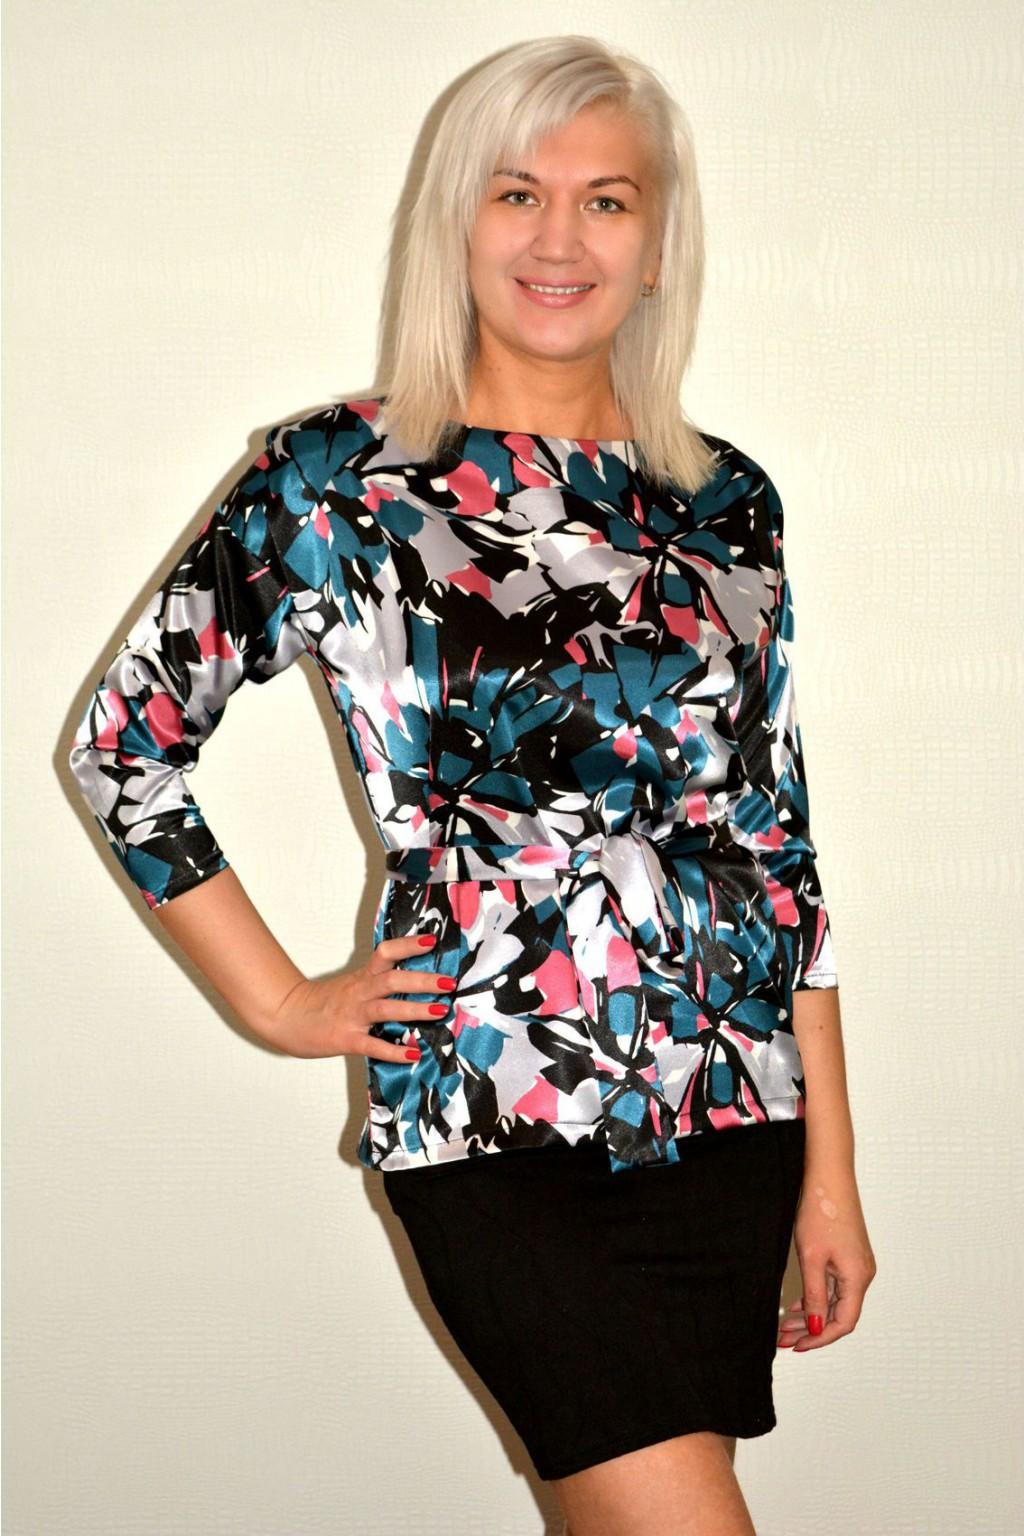 Сбор заказов. SUNNY-6. Красивых блузок много не бывает! А еще появились платья и юбки. Подойдет всем, кто любит стиль и